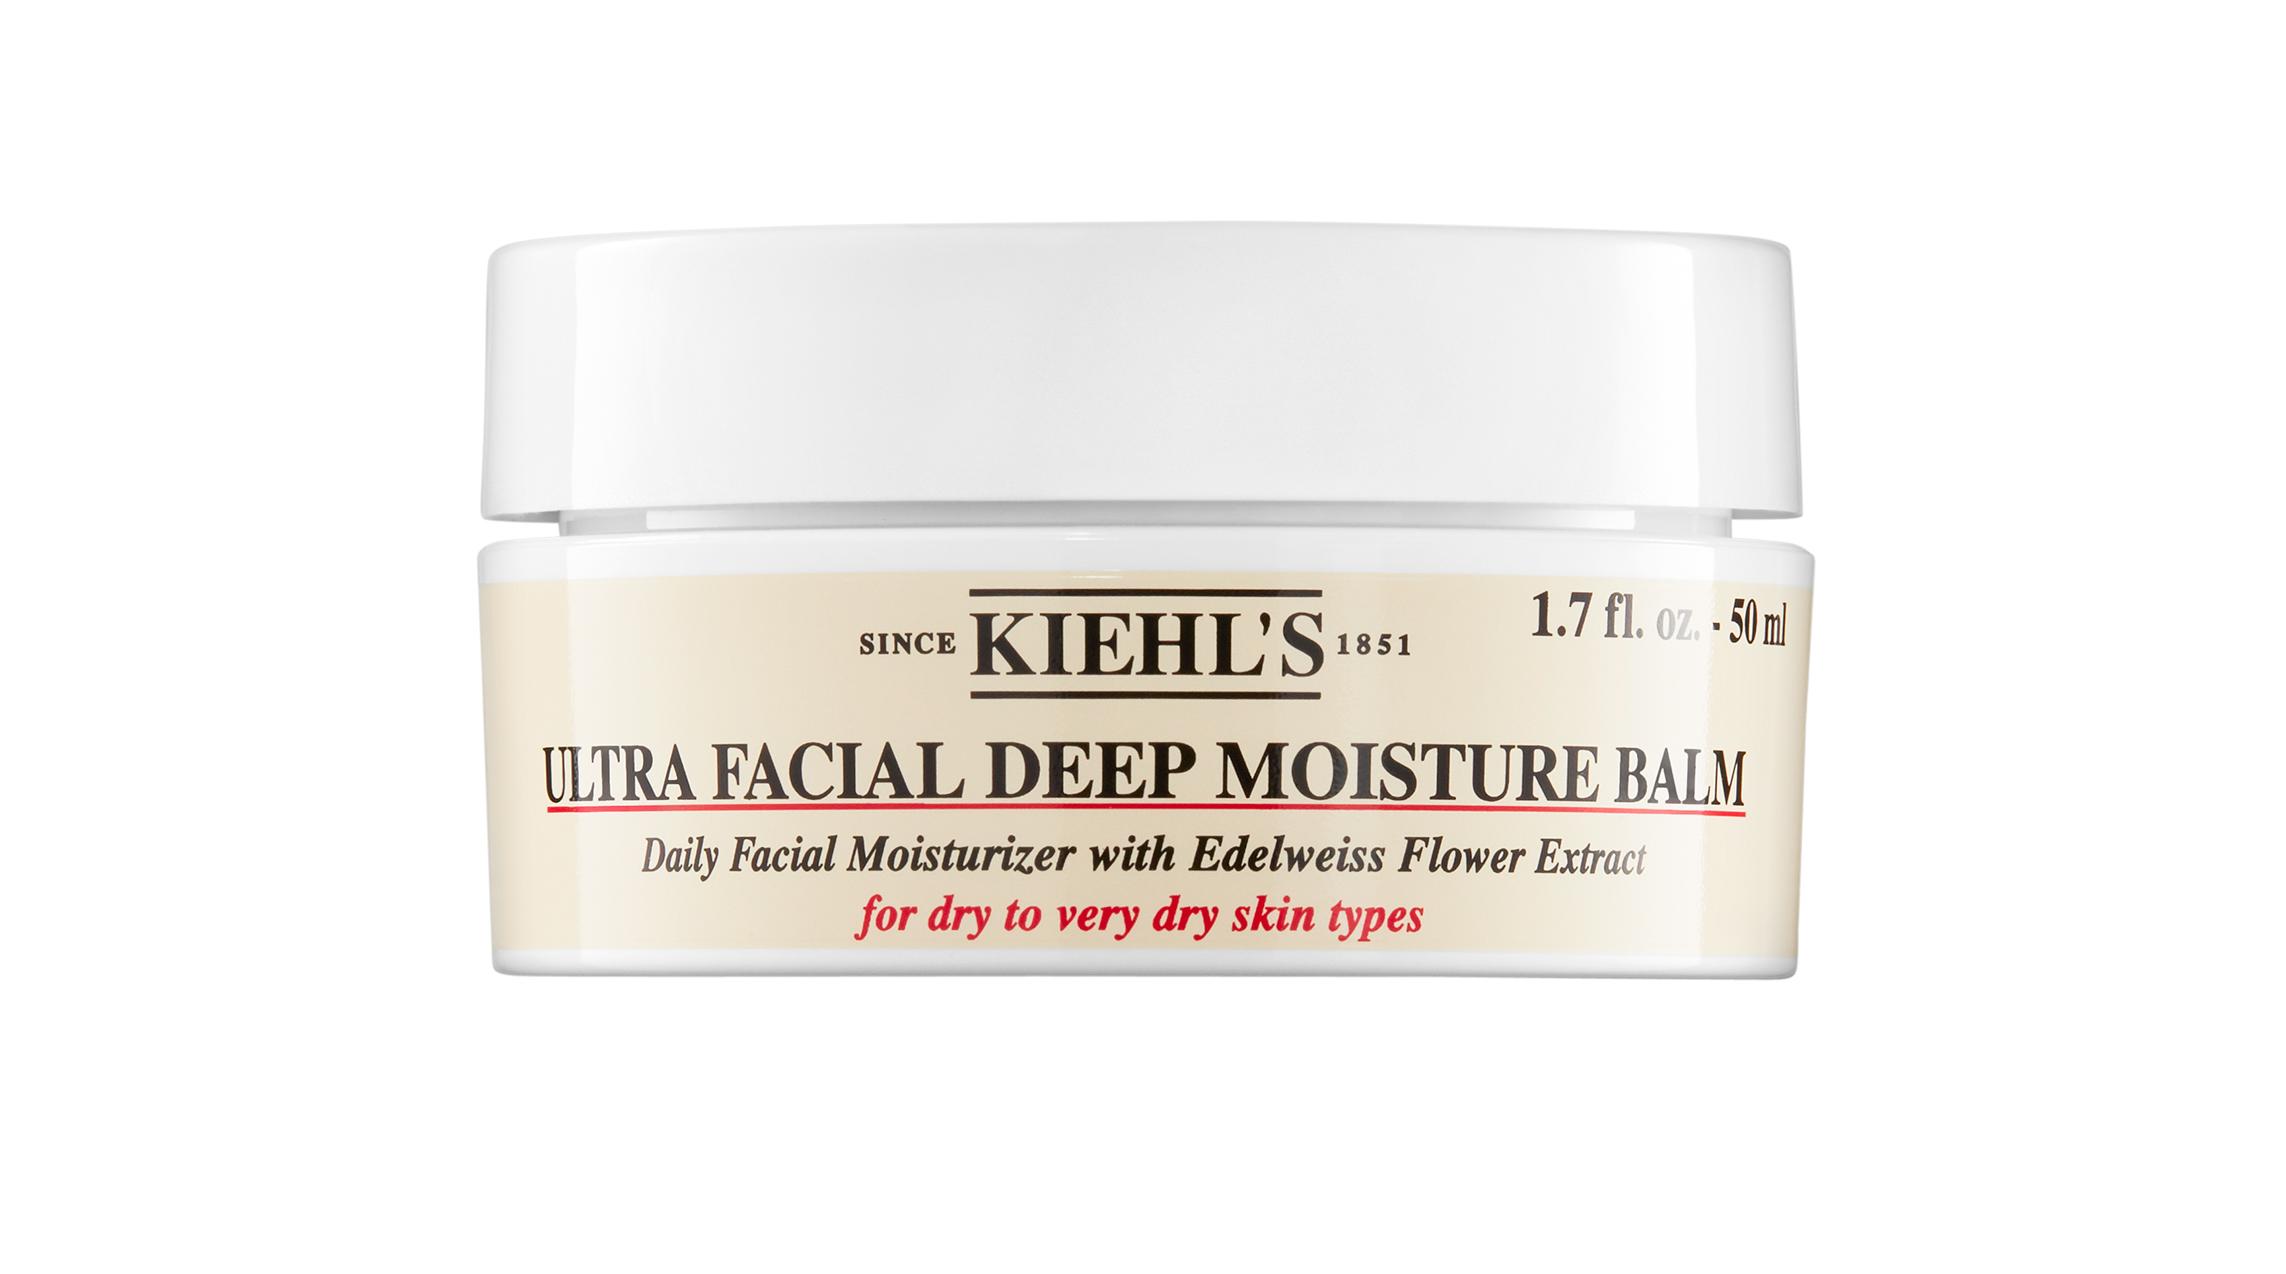 Увлажняющий бальзам для сухой и очень сухой кожи лица Kiehl's, 2490 р.